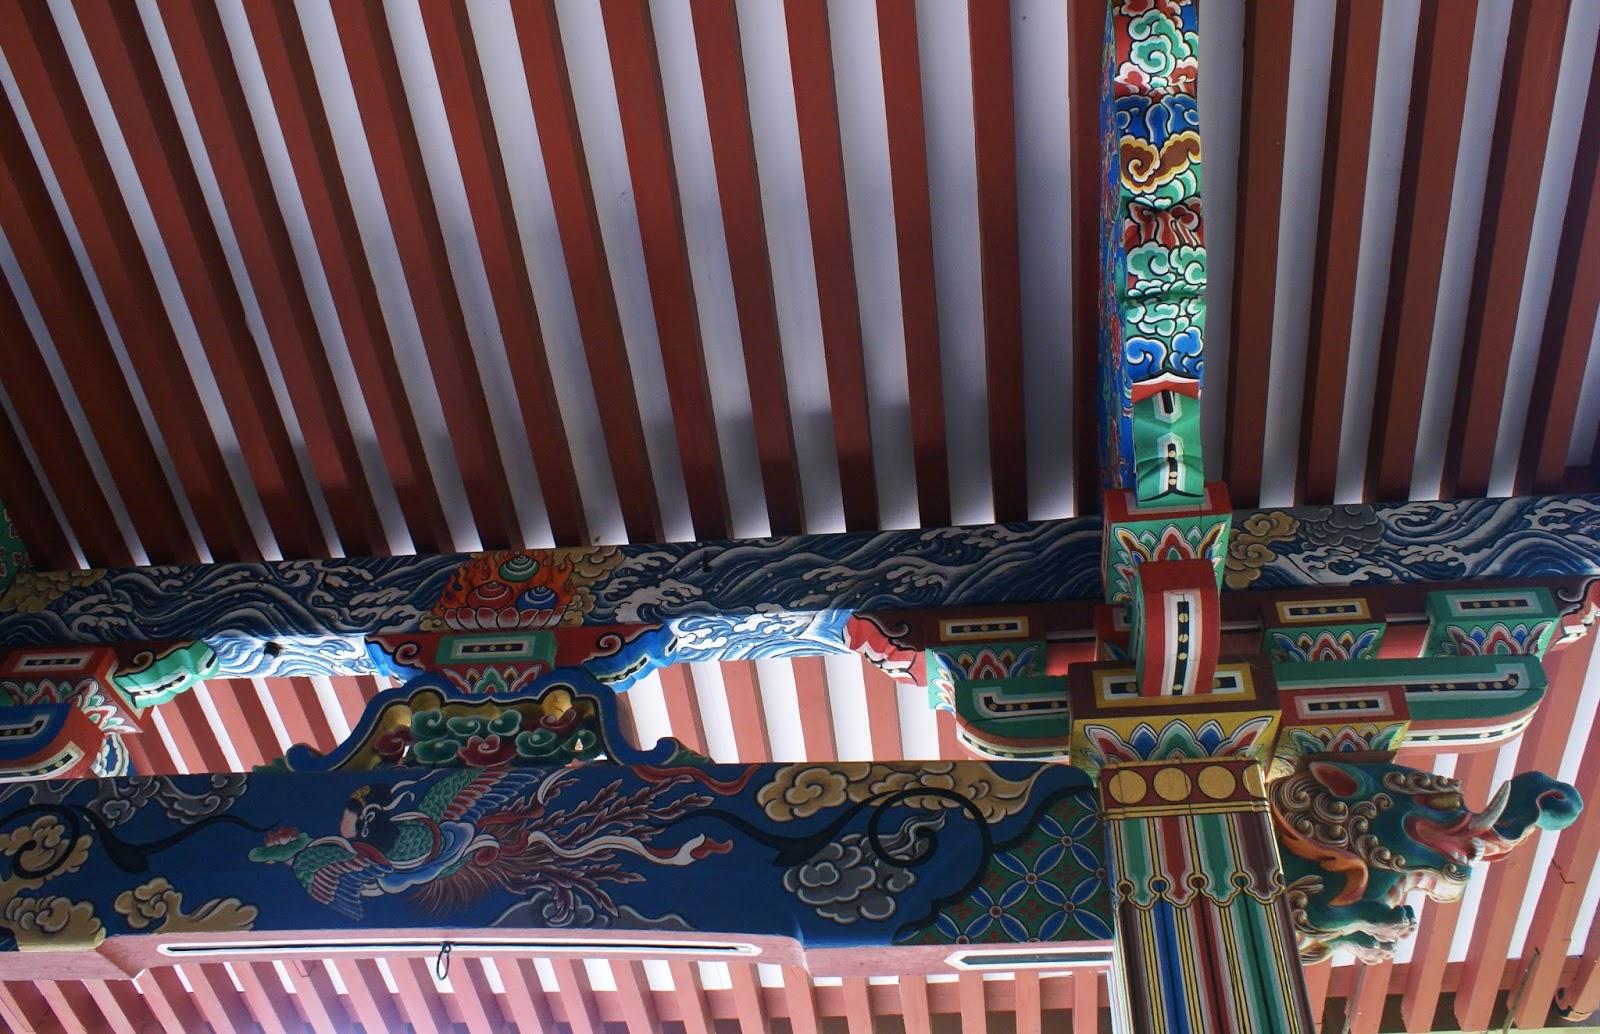 eikan do zenrin-ji buddhist temple kyoto japan